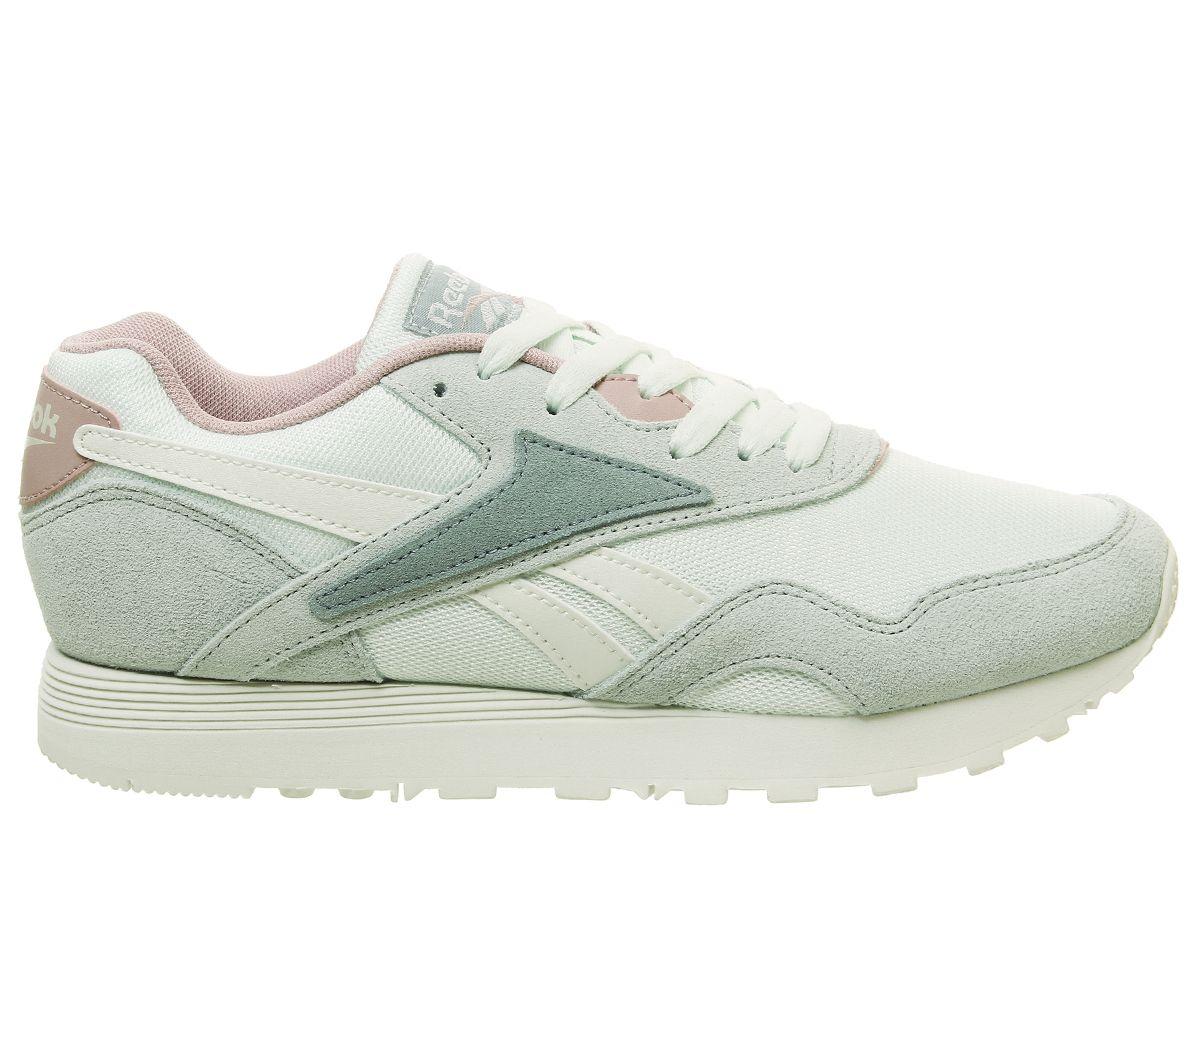 6c3a14fcc CENTINELA Teal de Spray para Mujer Reebok Rapide entrenadores tormenta  resplandor mar ahumado rosa zapatillas zapatos